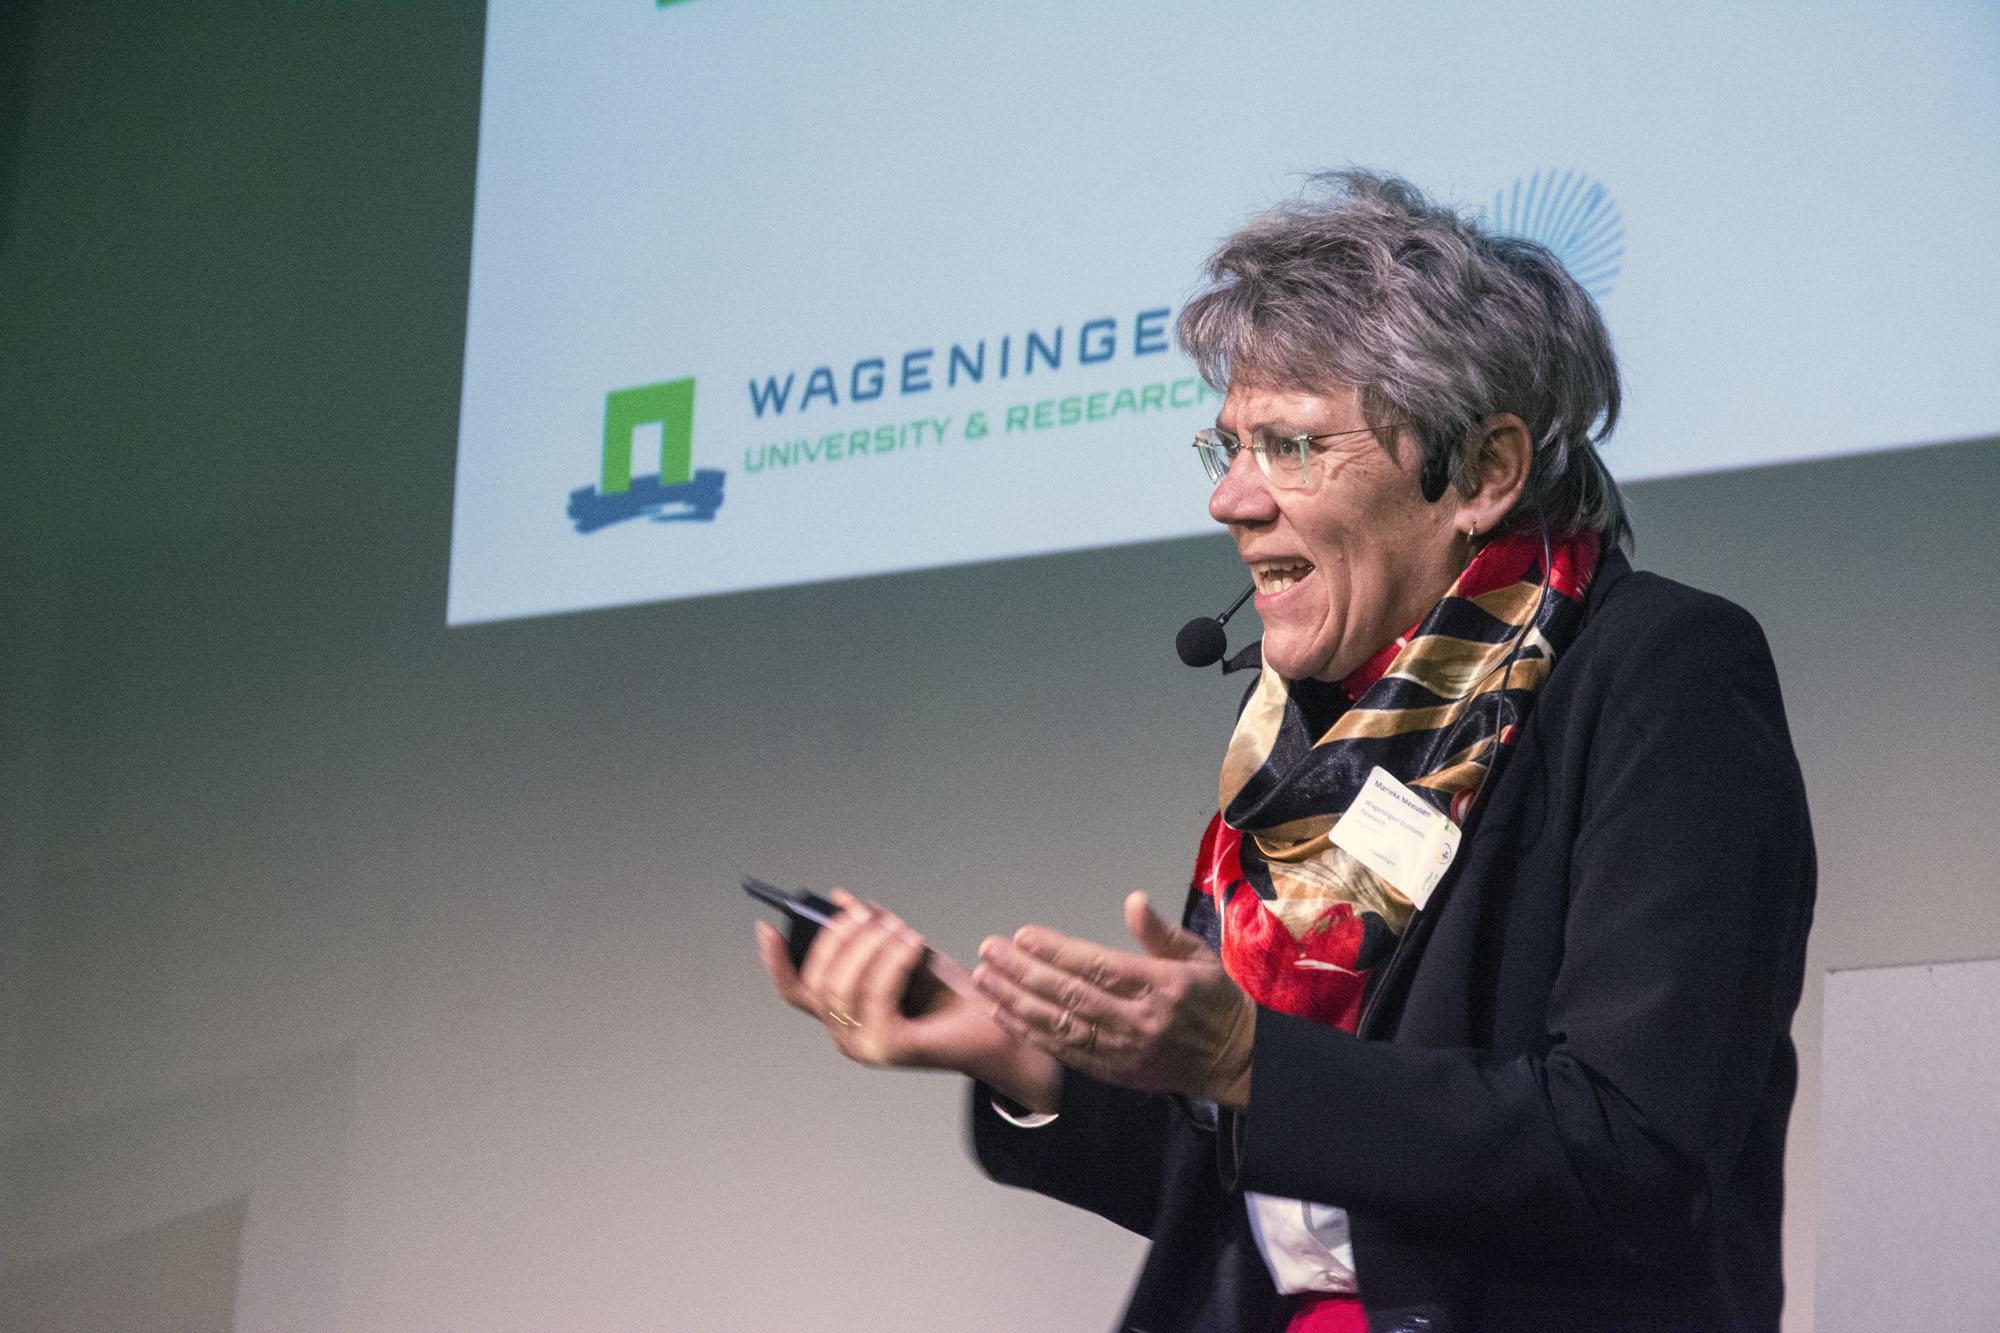 Marieke Meeusen (Wageningen University & Research)